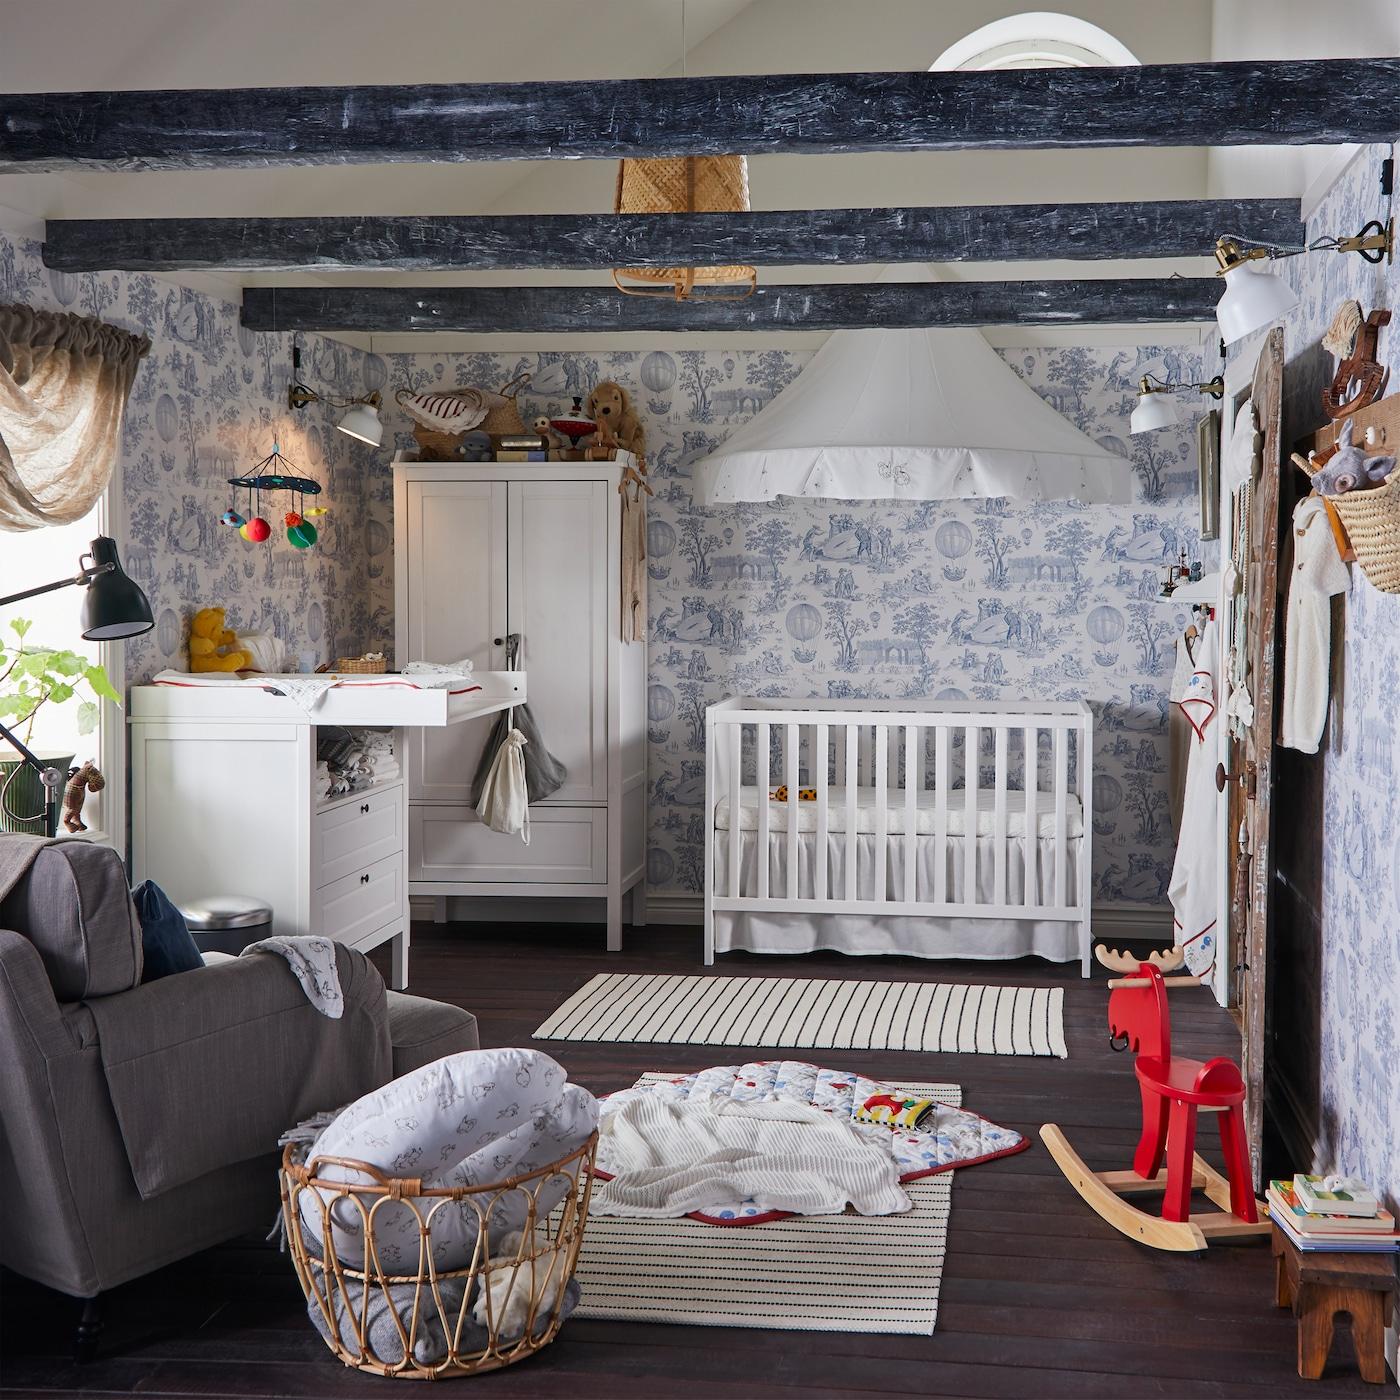 Une chambre d'enfant avec du papier peint bleu/blanc, un lit bébé blanc et une table à langer, une garde-robe blanche et des tapis rayés blanc/noir.